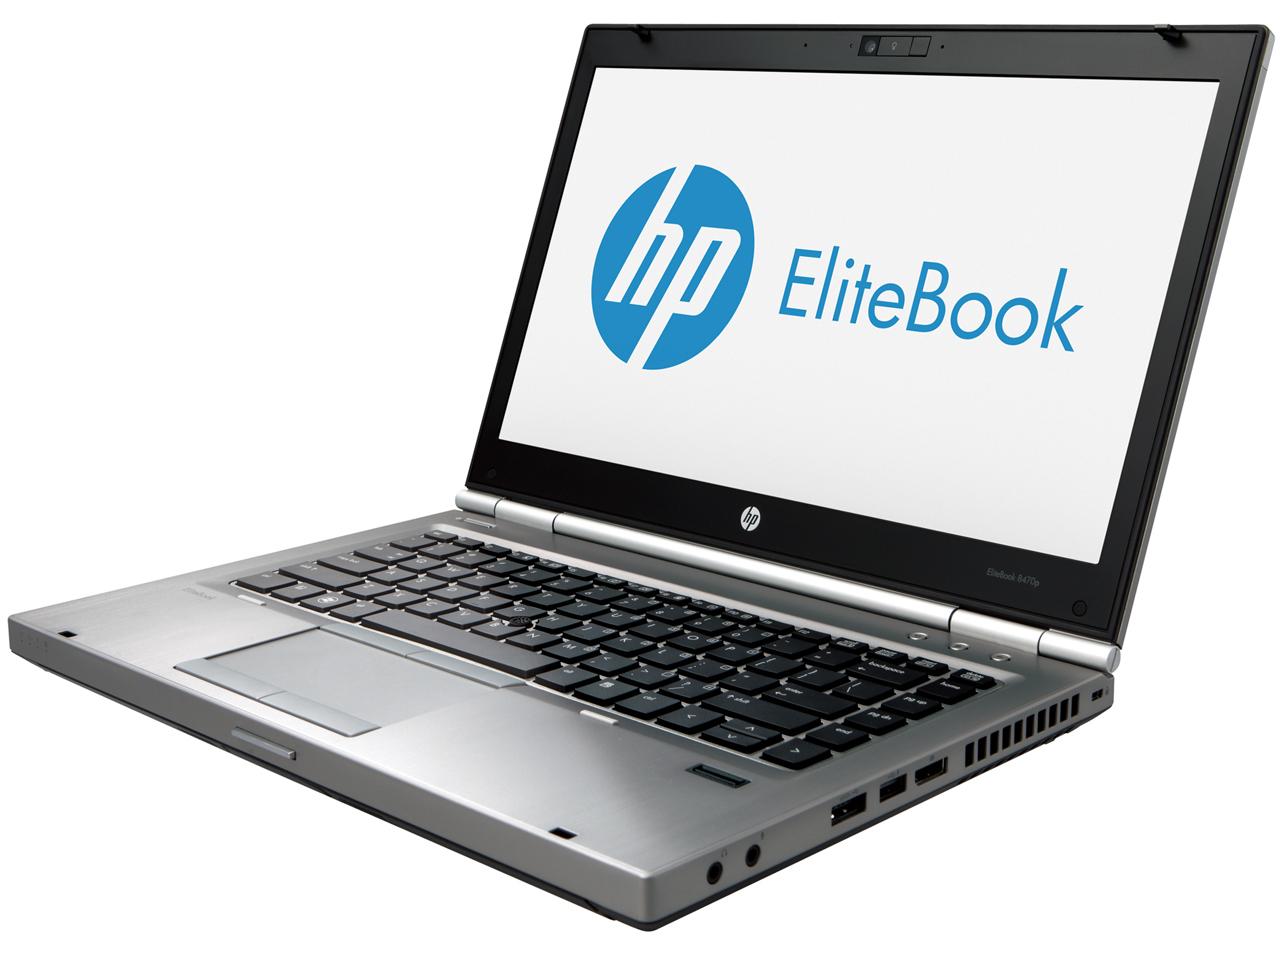 【500円クーポン使えます!】中古ノートパソコンHP EliteBook 8470p D7Y17PA-ABJ 【中古】 HP EliteBook 8470p 中古ノートパソコンCore i5 Win7 Pro HP EliteBook 8470p 中古ノートパソコンCore i5 Win7 Pro